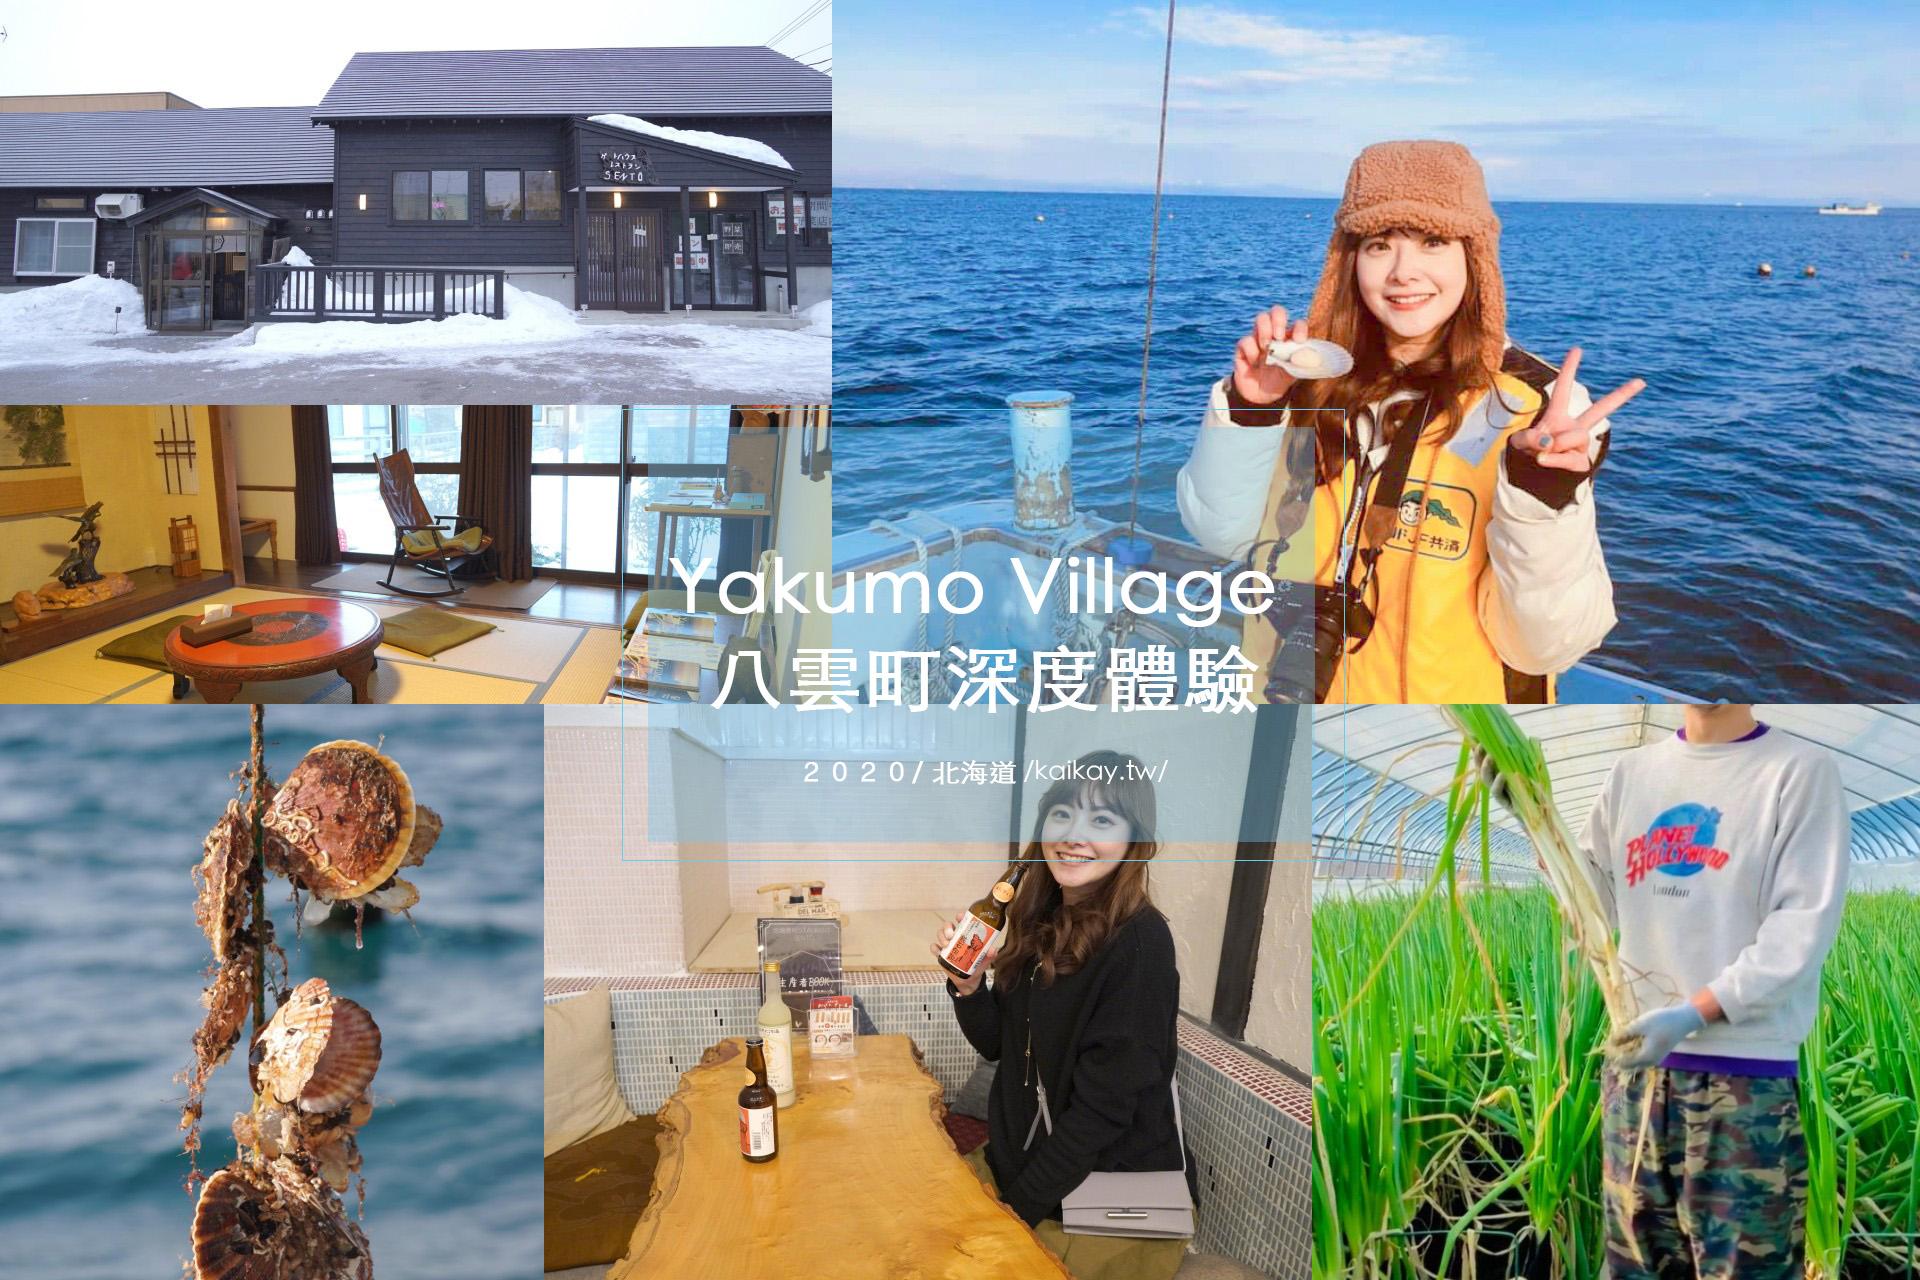 ☆【2020。北海道住宿】八雲體驗Yakumo Village 在地一日遊。 SENTO青年旅館 @凱的日本食尚日記